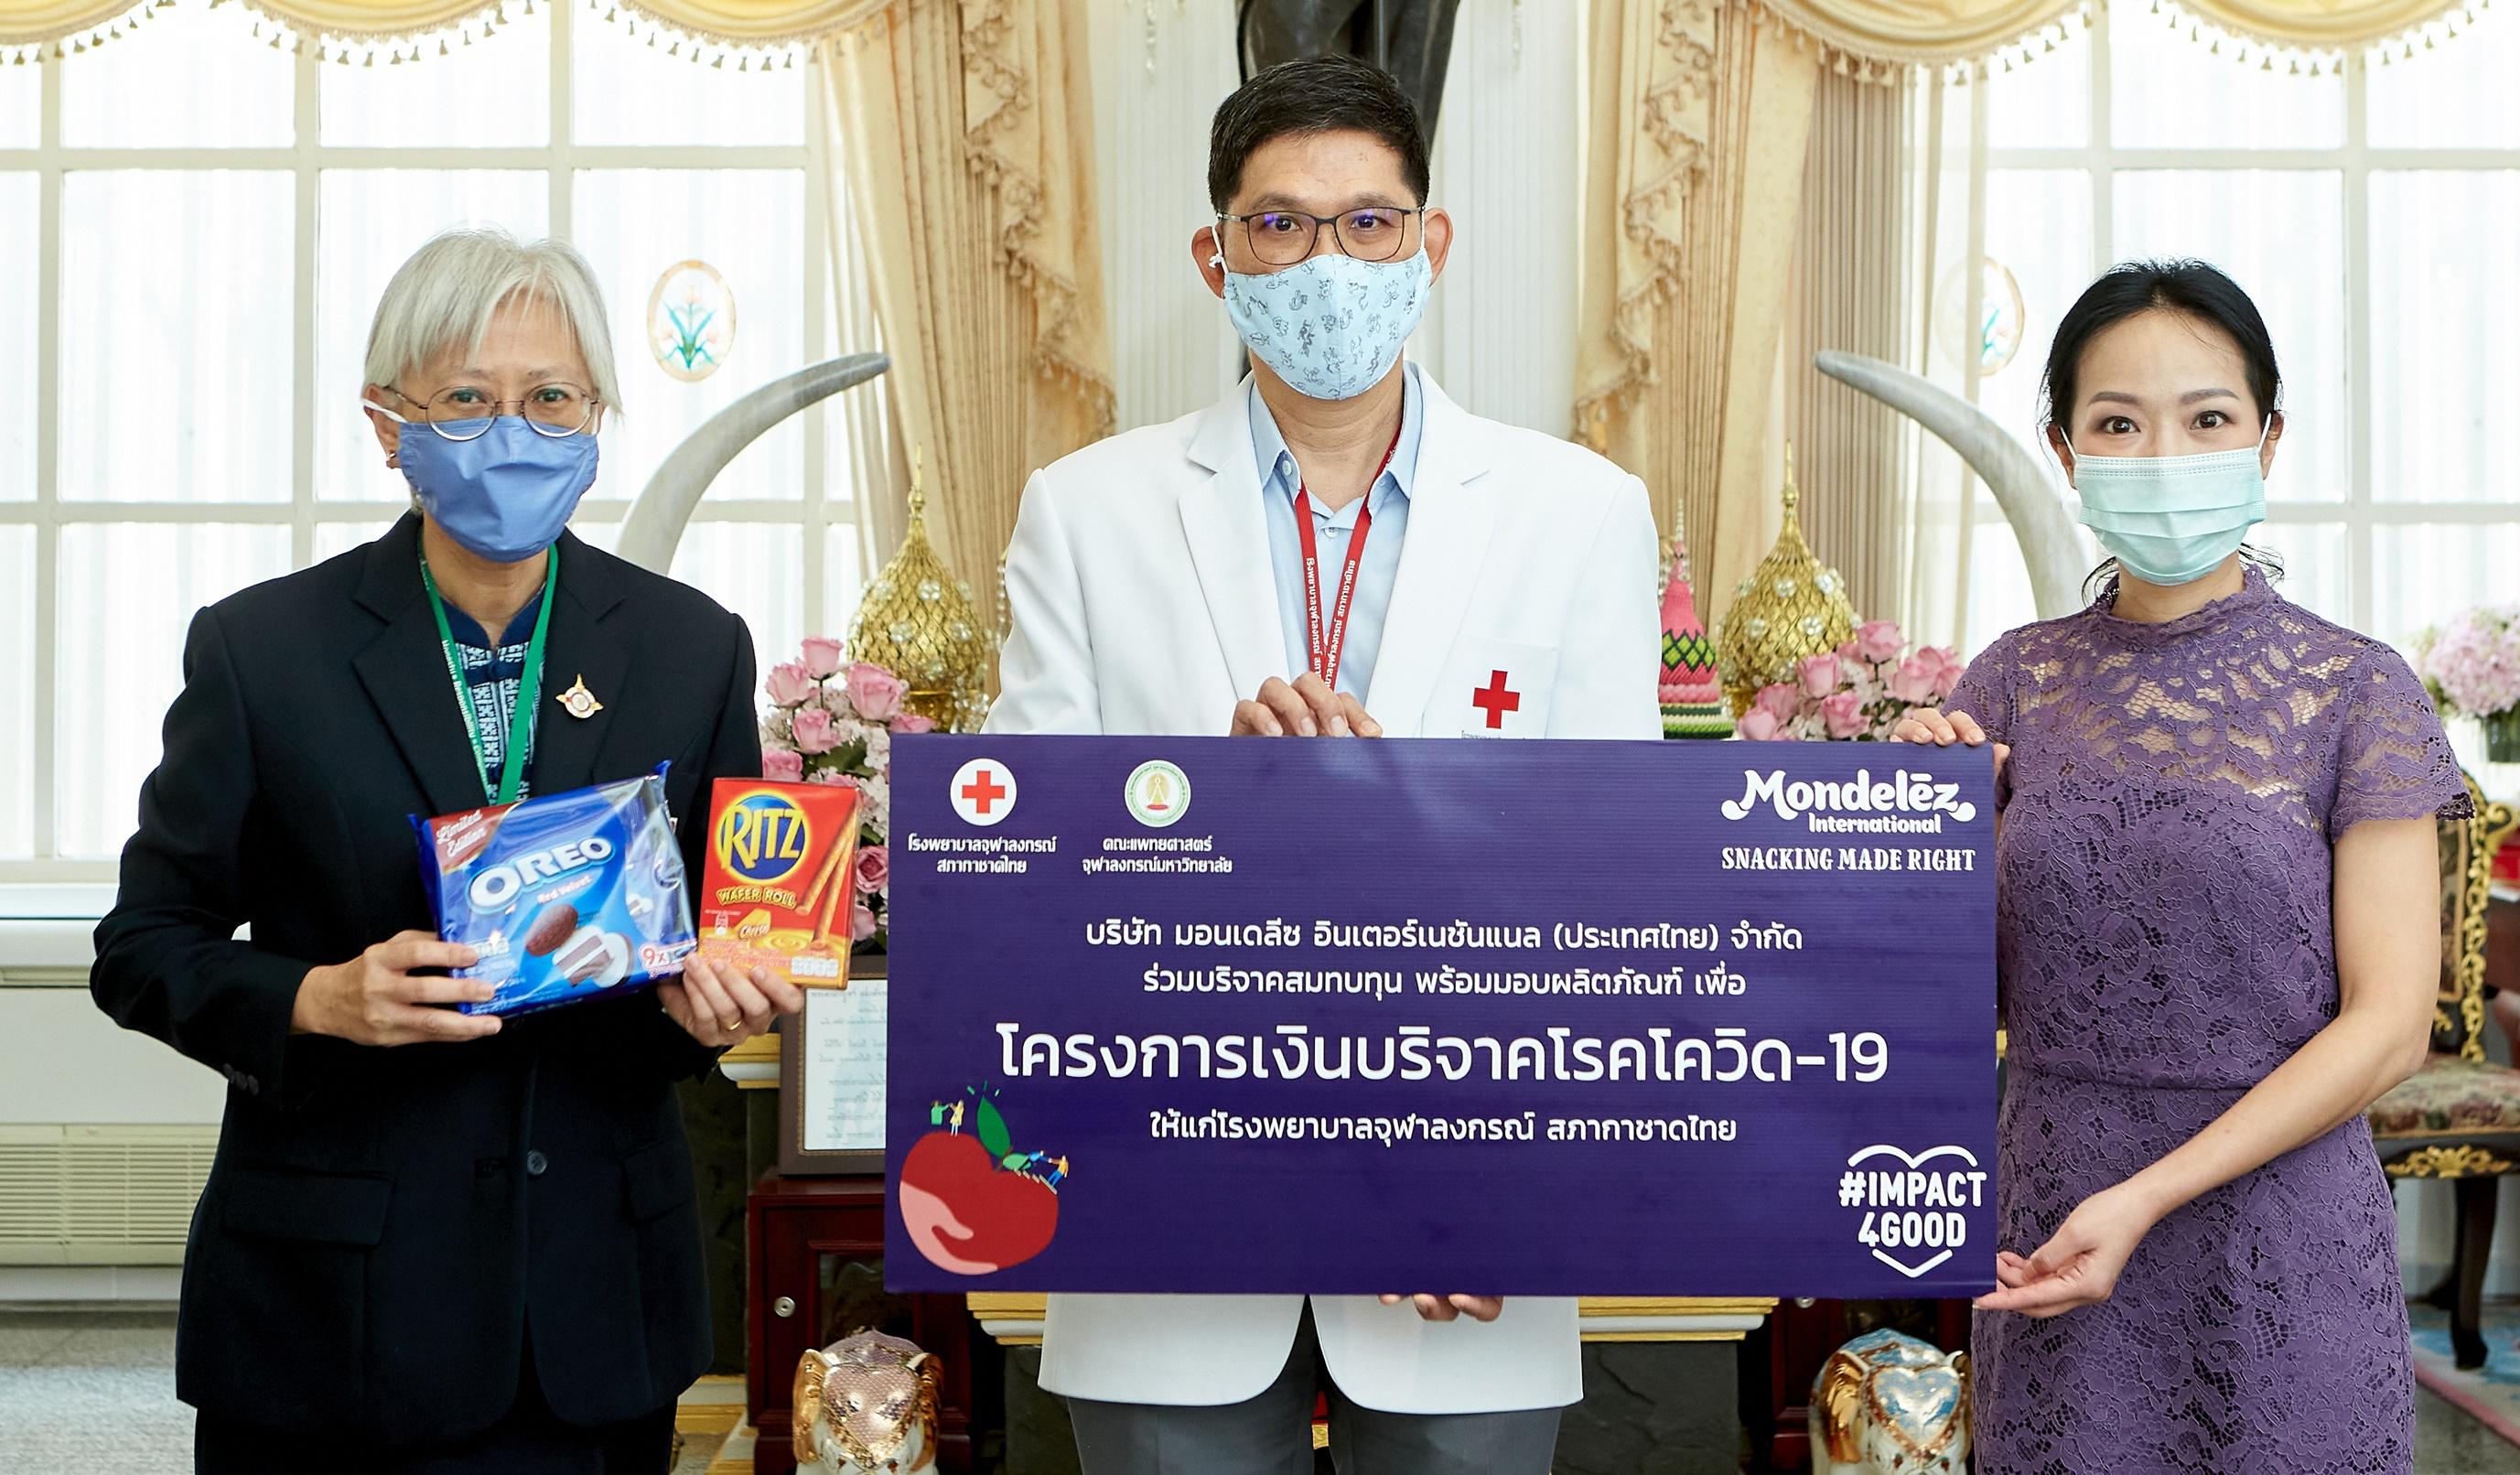 มอนเดลีซ อินเตอร์เนชันแนล เดินหน้าสนับสนุนบุคลากรทางการแพทย์ และชุมชนในไทยและทั่วโลก เพื่อต่อสู้กับโควิด-19